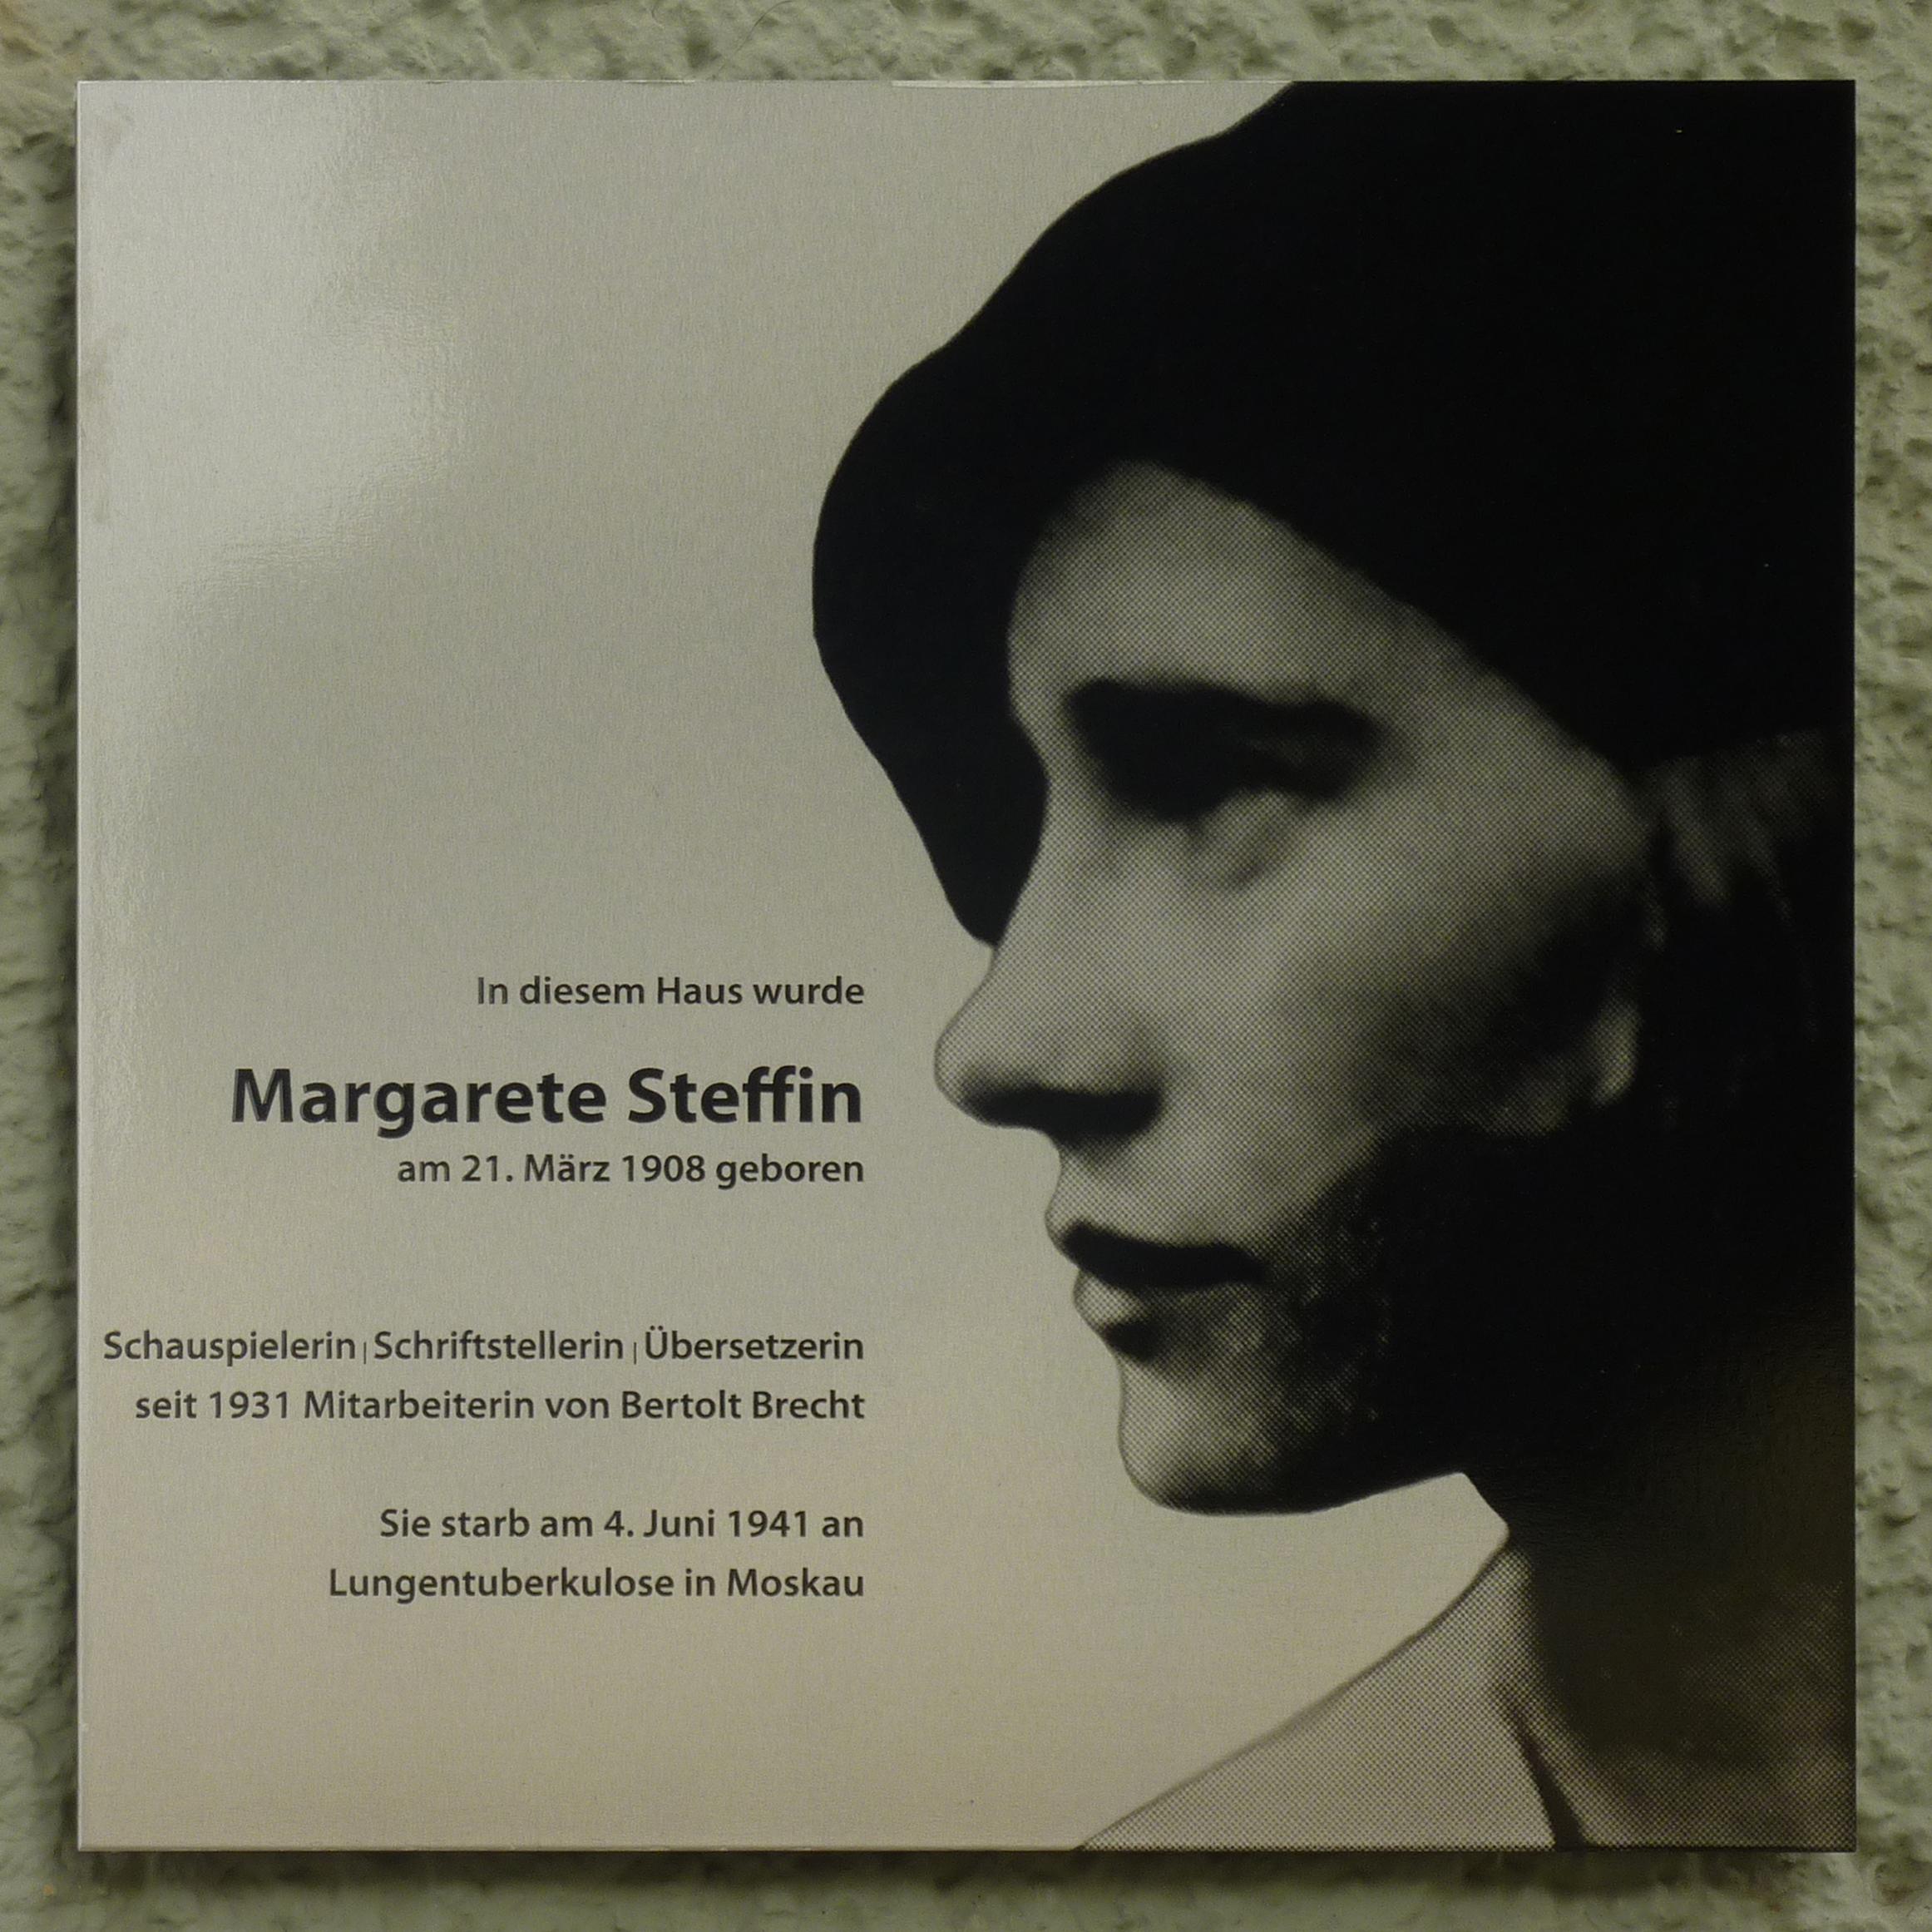 Margarete Steffin Wikipedia